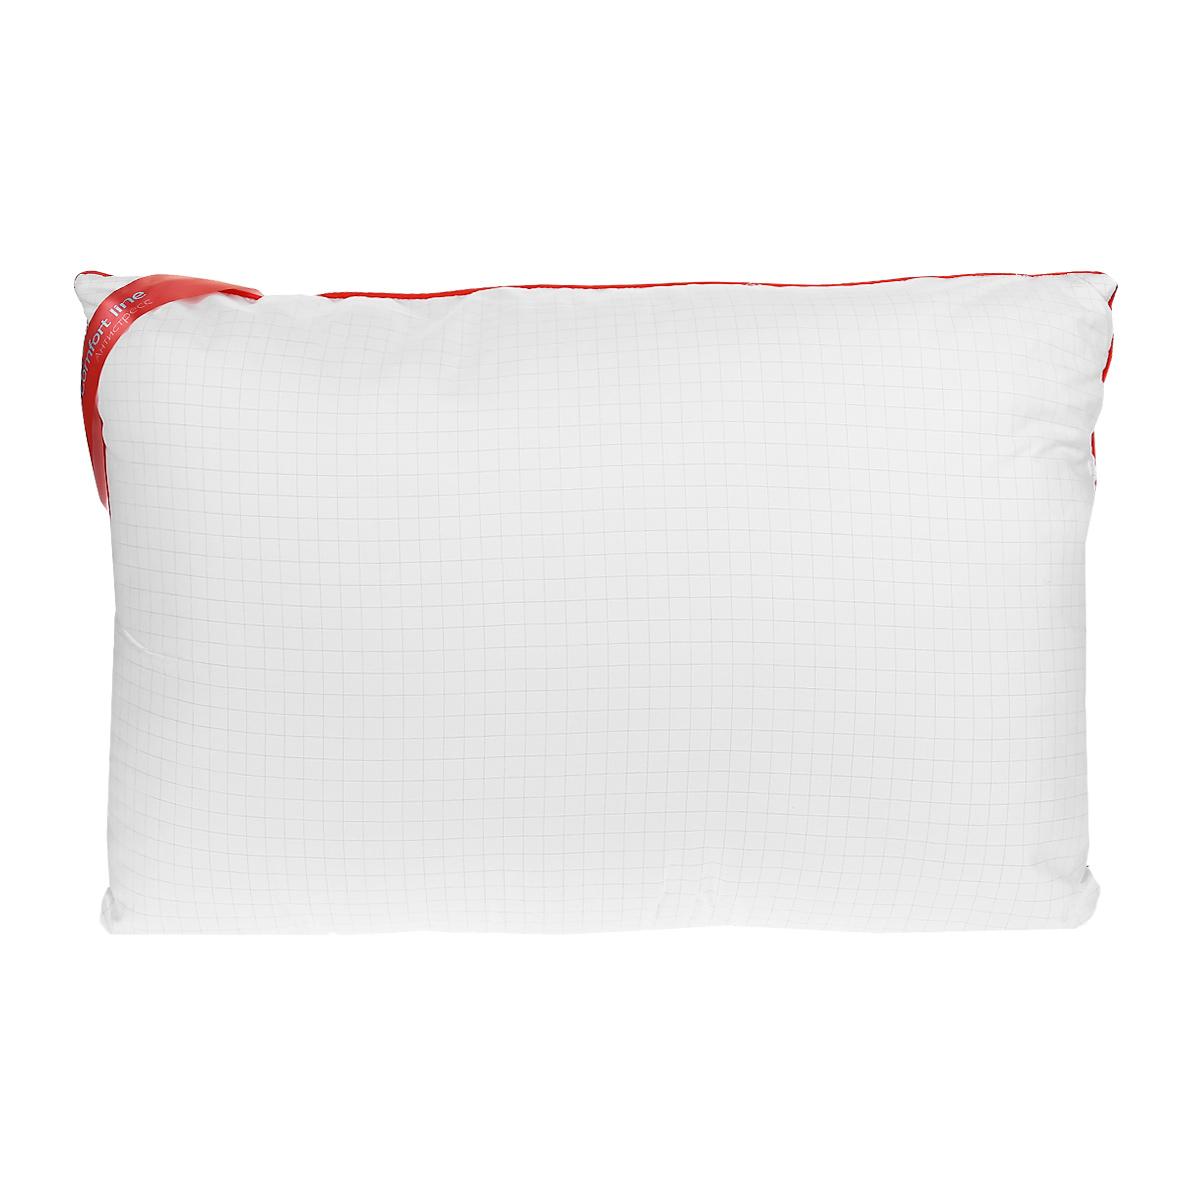 Подушка Comfort Line Антистресс, наполнитель: полиэстер, 50 х 70 см174533